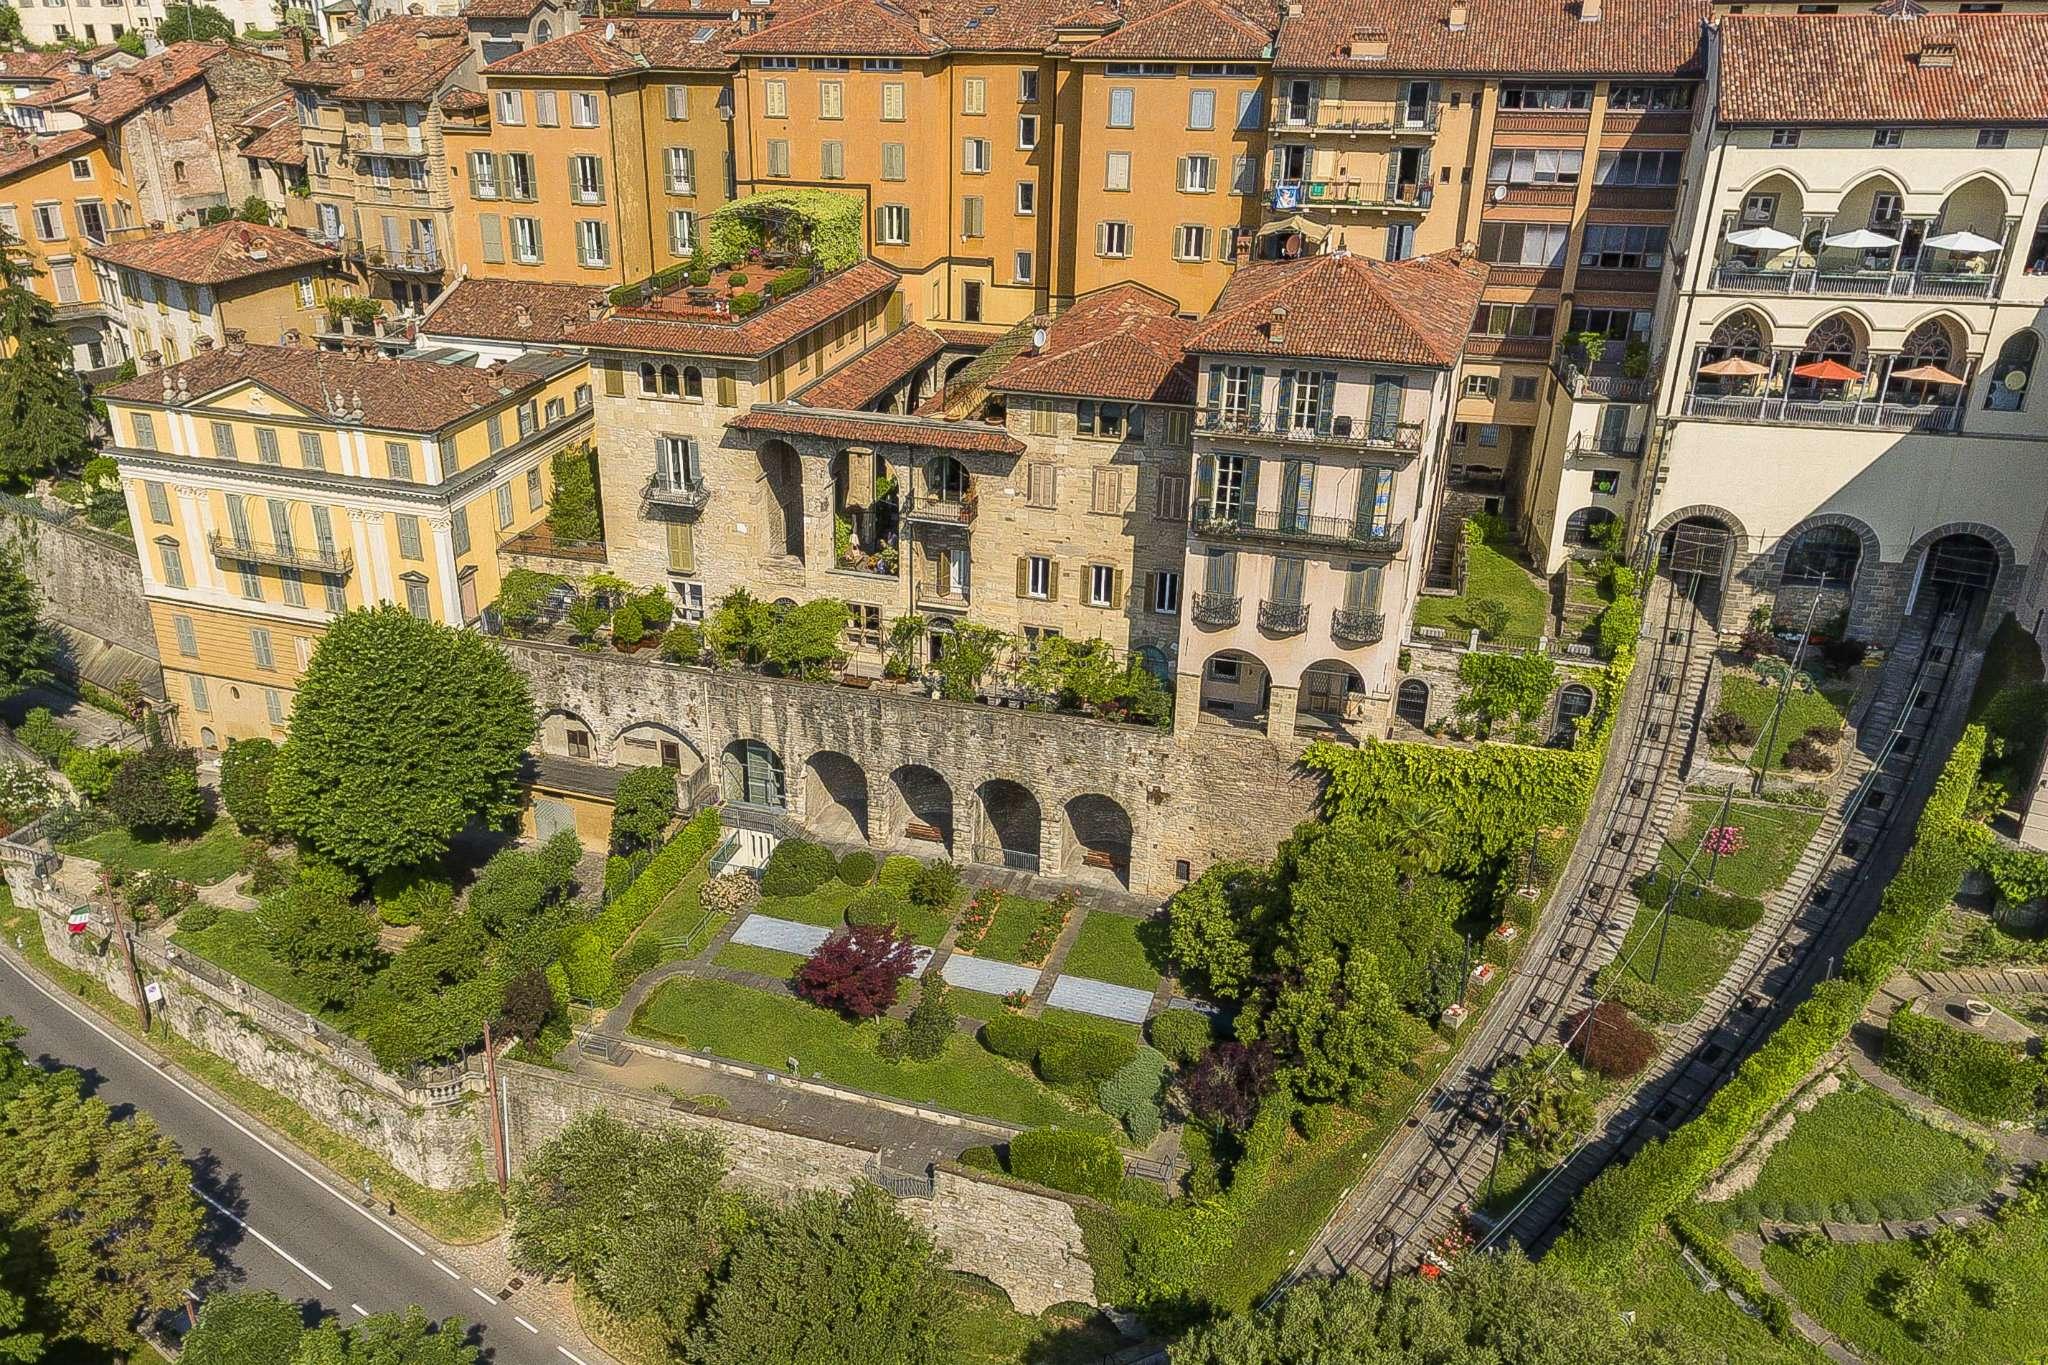 Appartamento in vendita a Bergamo, 6 locali, Trattative riservate | CambioCasa.it